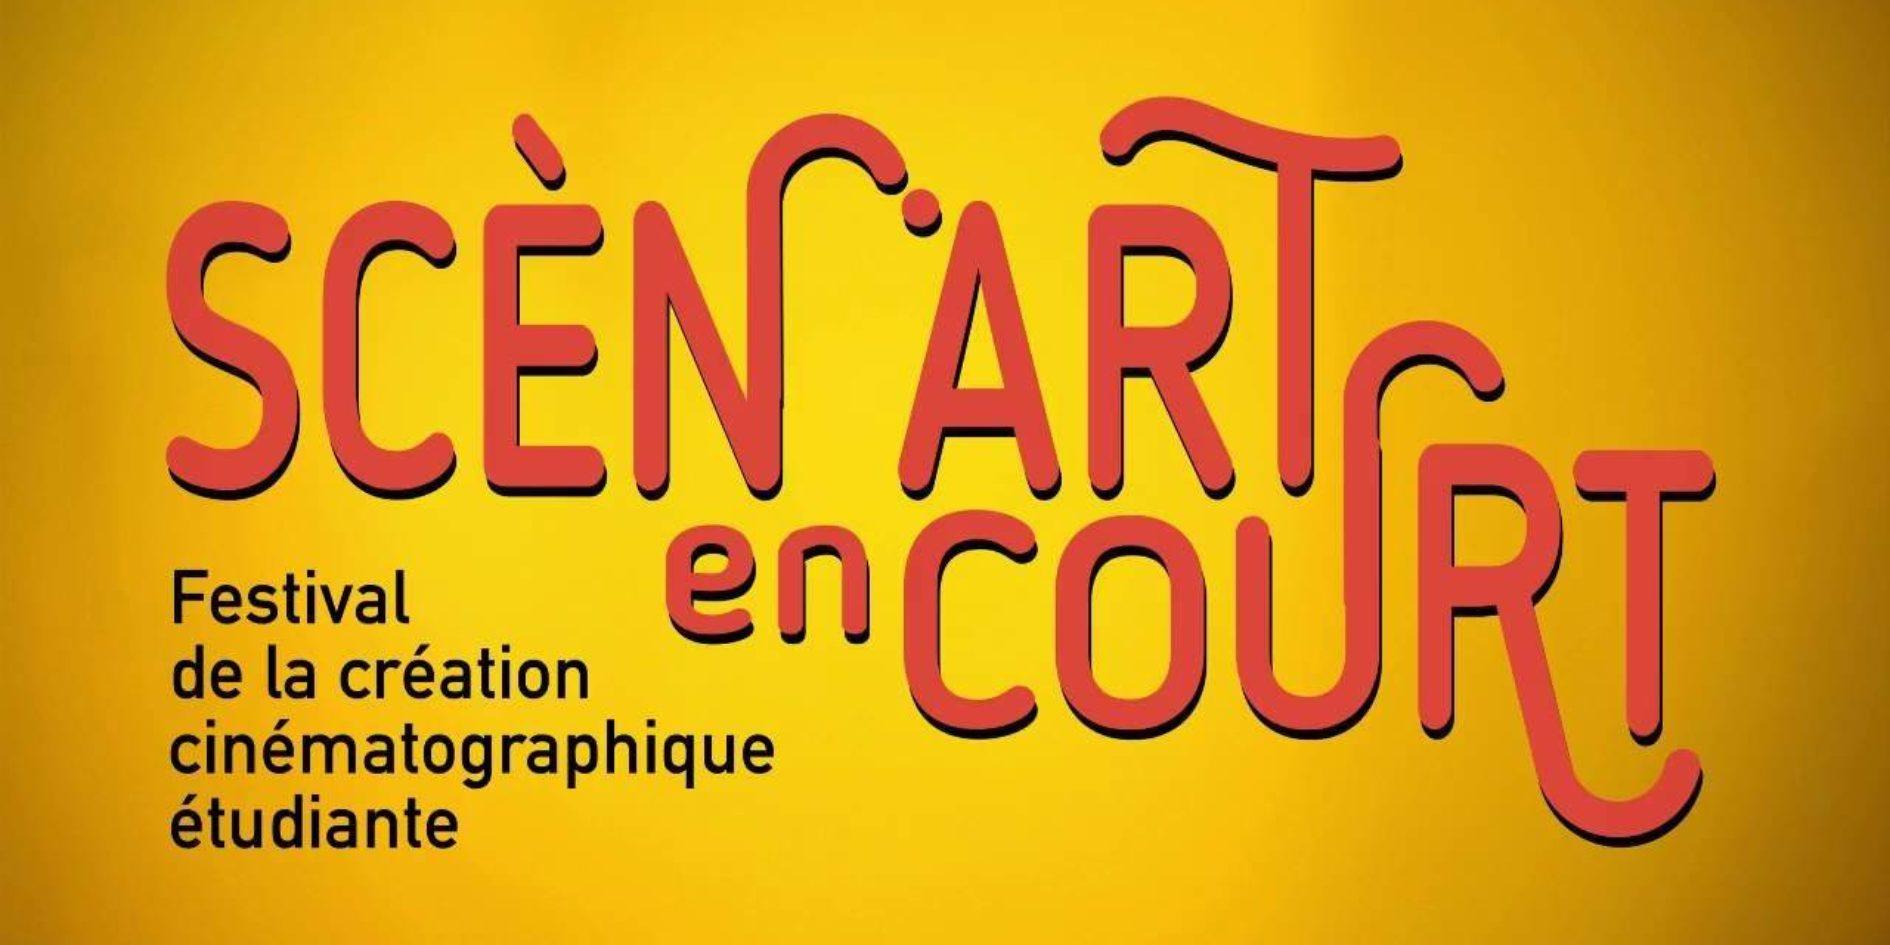 scene-art-court-festival